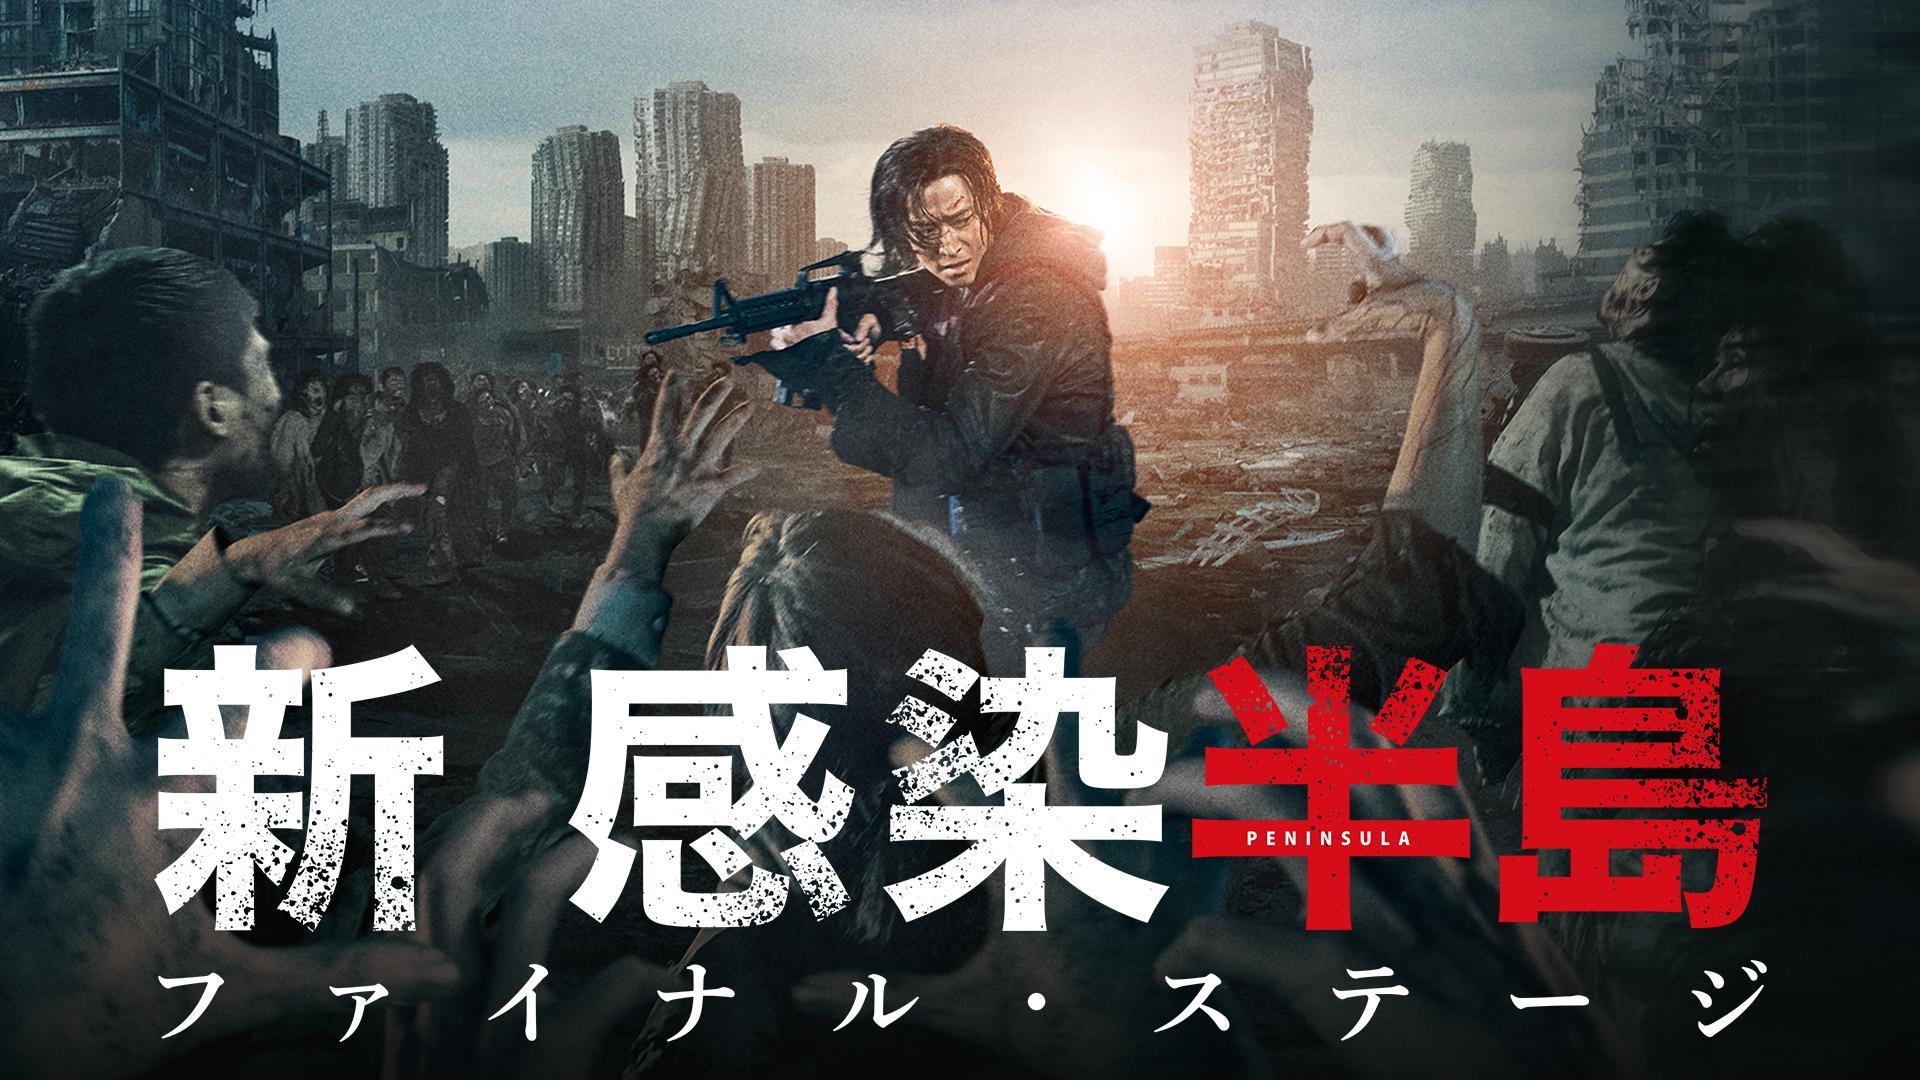 映画『新感染半島 ファイナル・ステージ』前作よりスケールがパワーアップ!ゾンビVS荒くれ者VS元軍人!